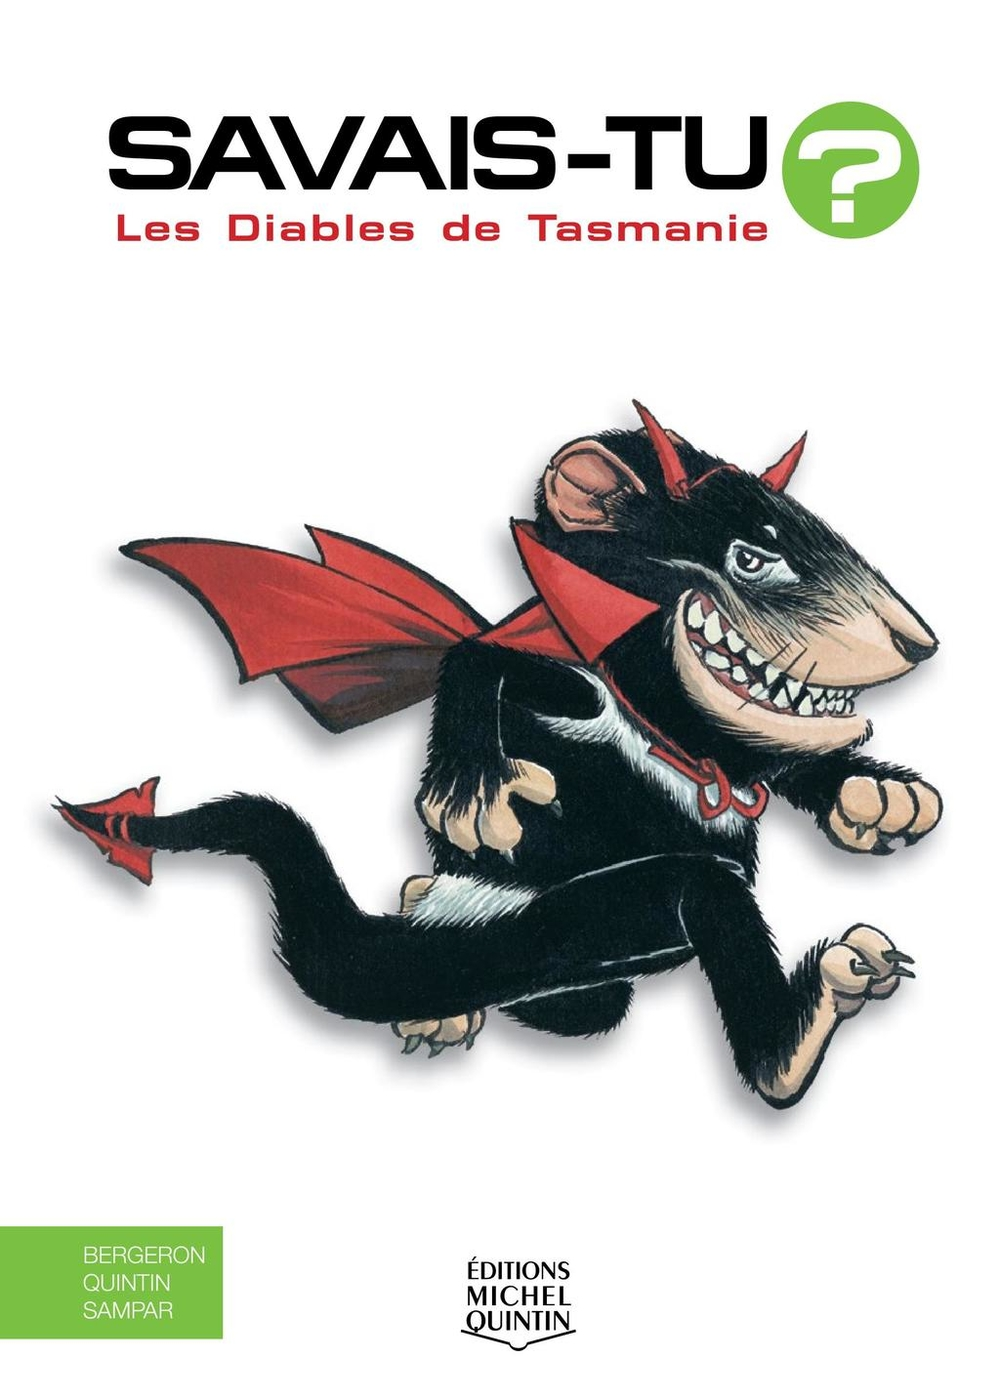 Savais-tu? - En couleurs 39 - Les Diables de Tasmanie